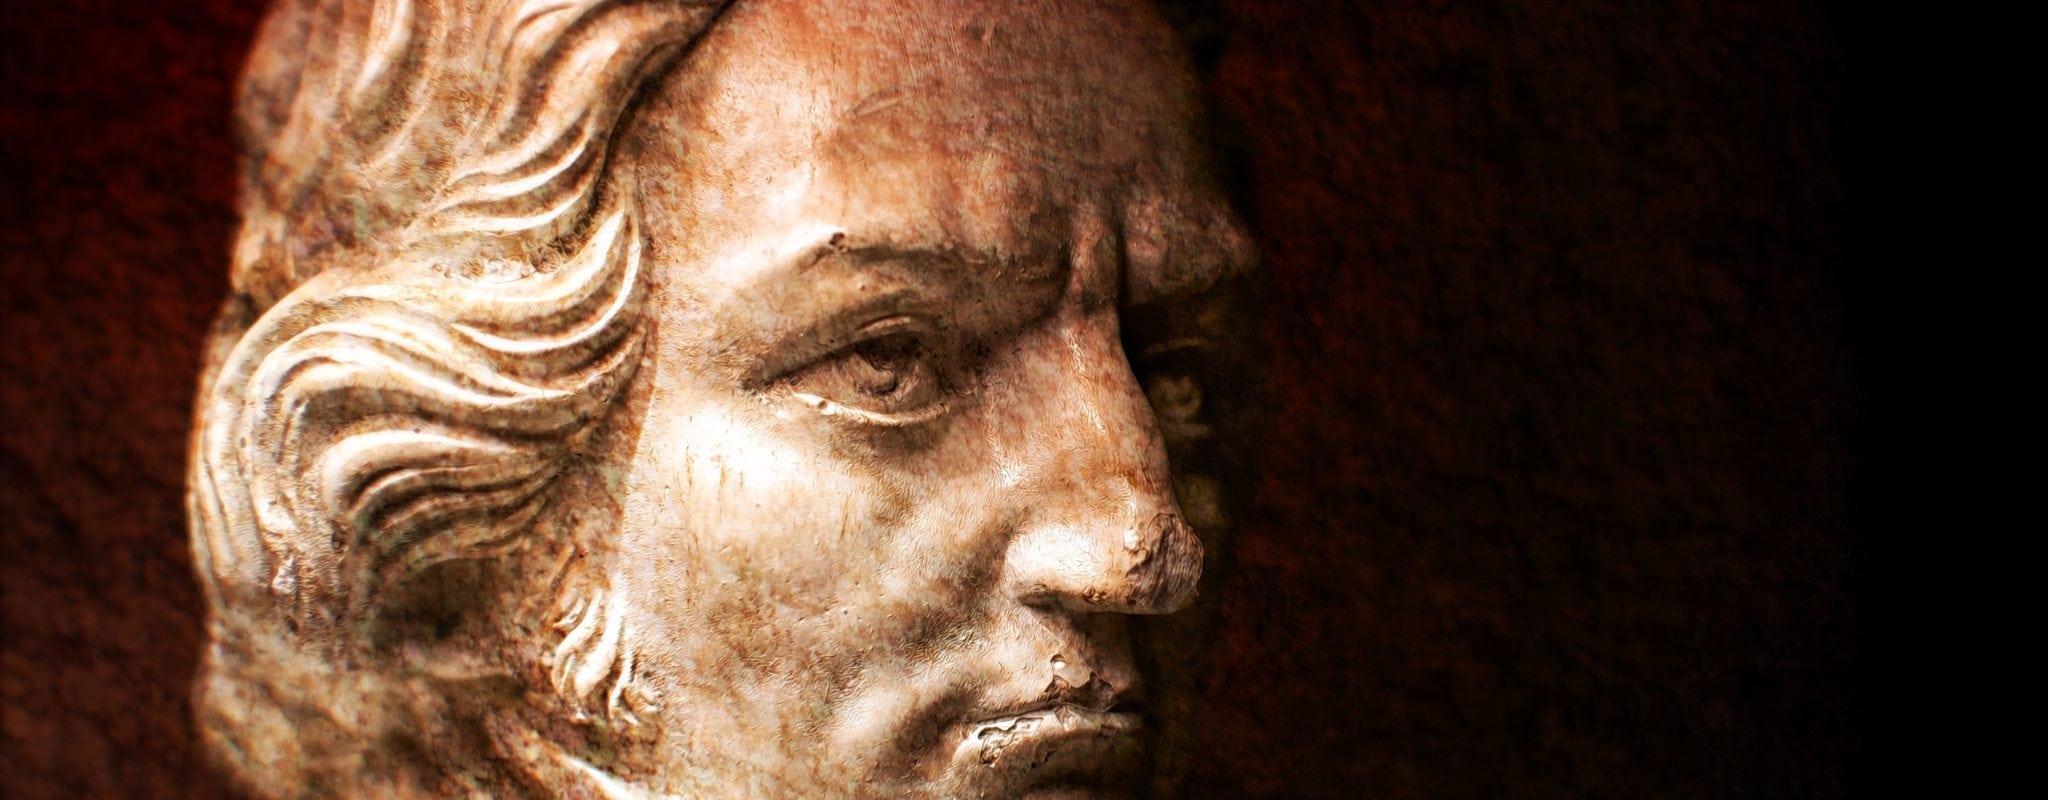 À l'Orchestre philharmonique, Beethoven brille dans l'ombre de Mahler